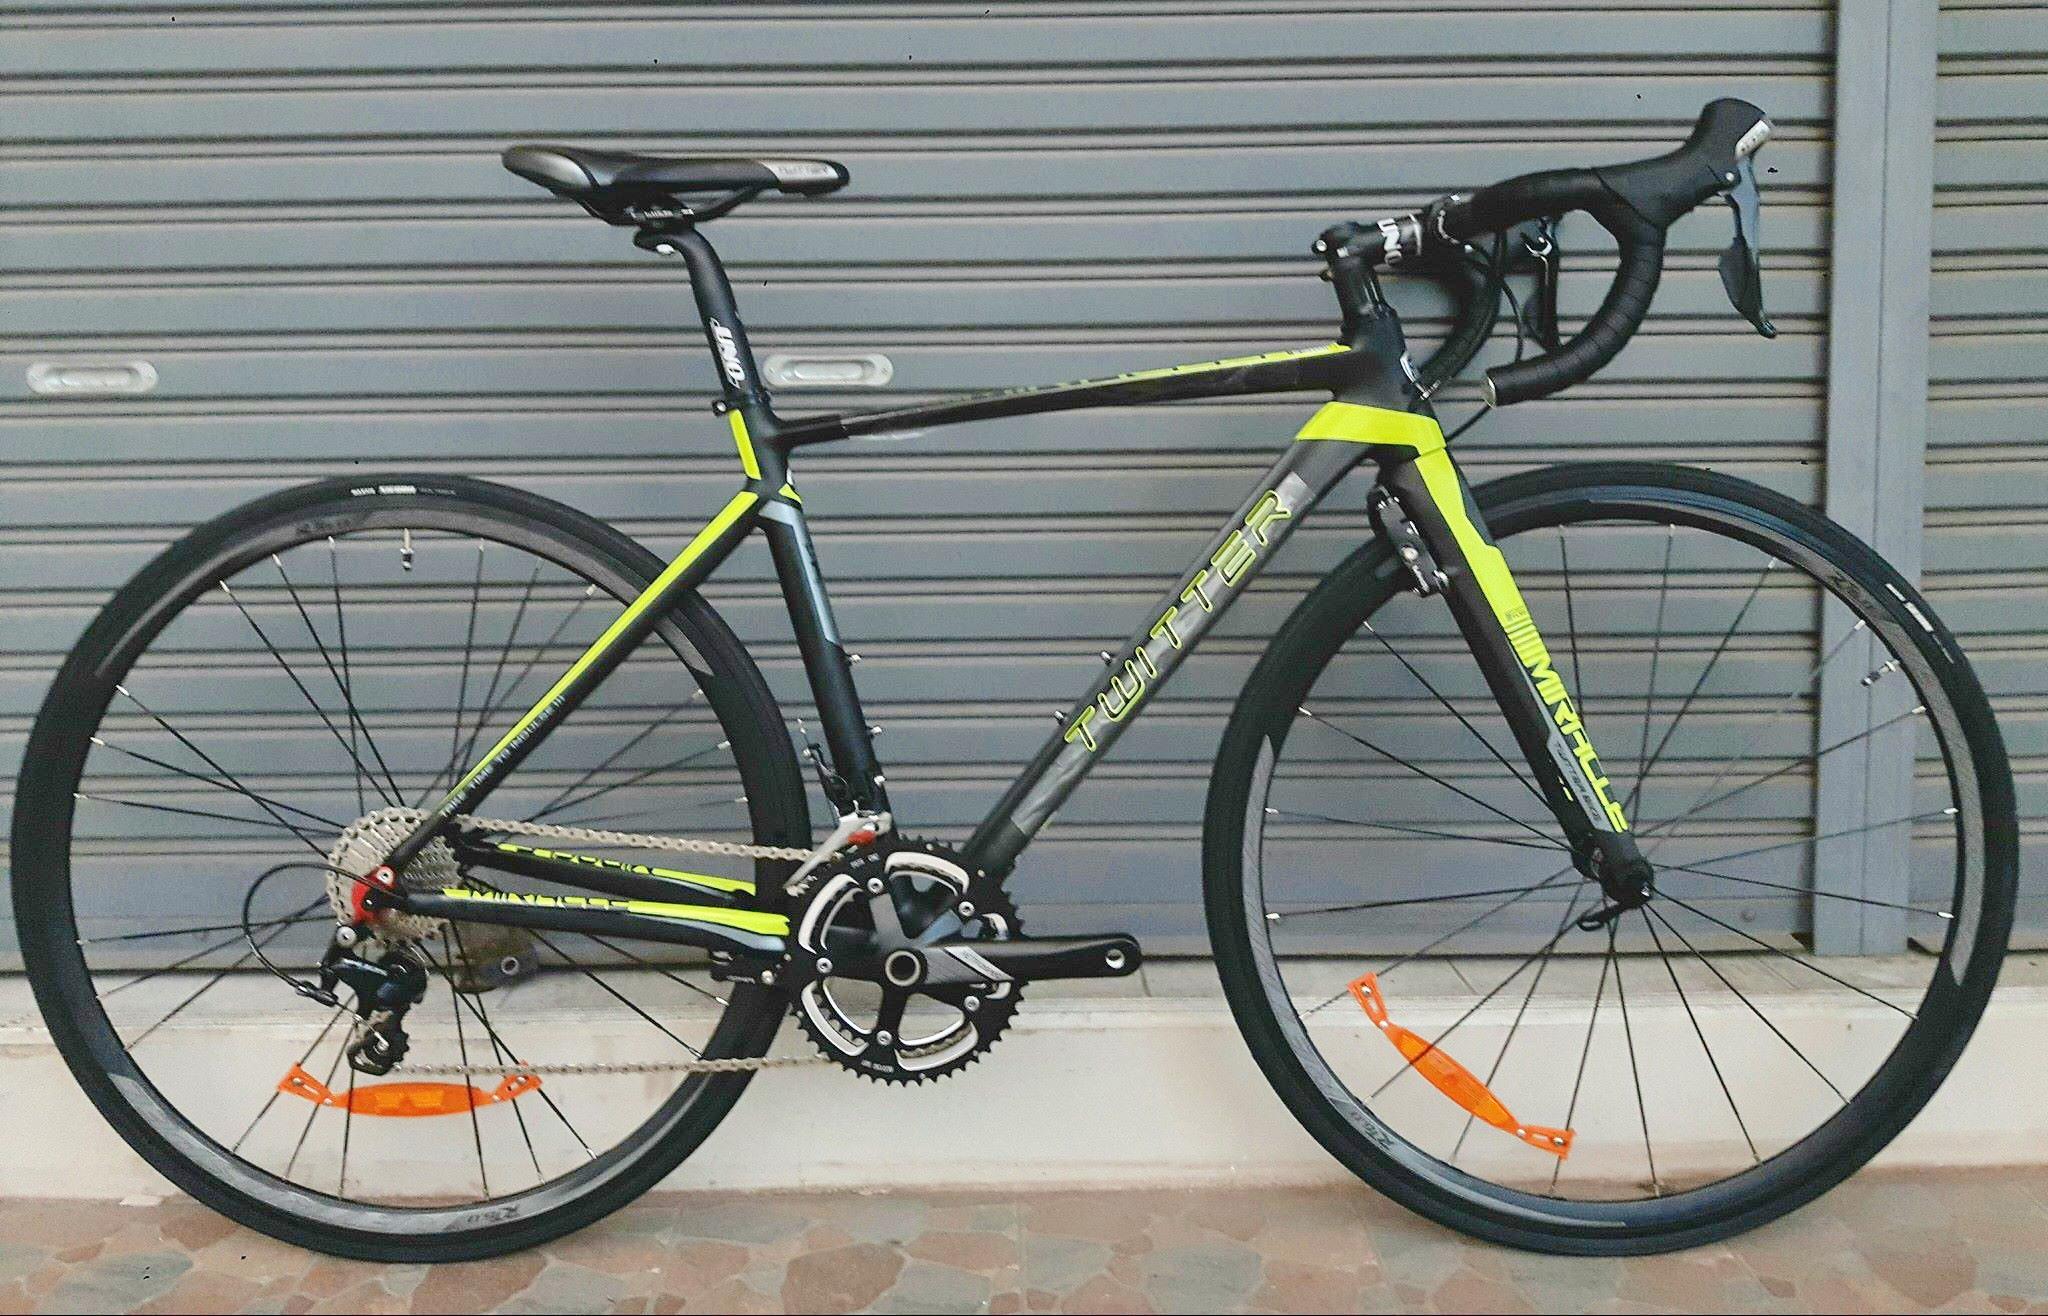 จักรยานเสือหมอบ Twitter รุ่น Miracle สีดำเหลืองนีออน เฟรมอลูมิเนียม ซ่อนสาย ลบรอยเชื่อม ชุดขับ Shimano 105 x 22 Speed น้ำหนัก 8.4 กิโลกรัม เบรคซ่อนหลัง Winzip (Taiwan)